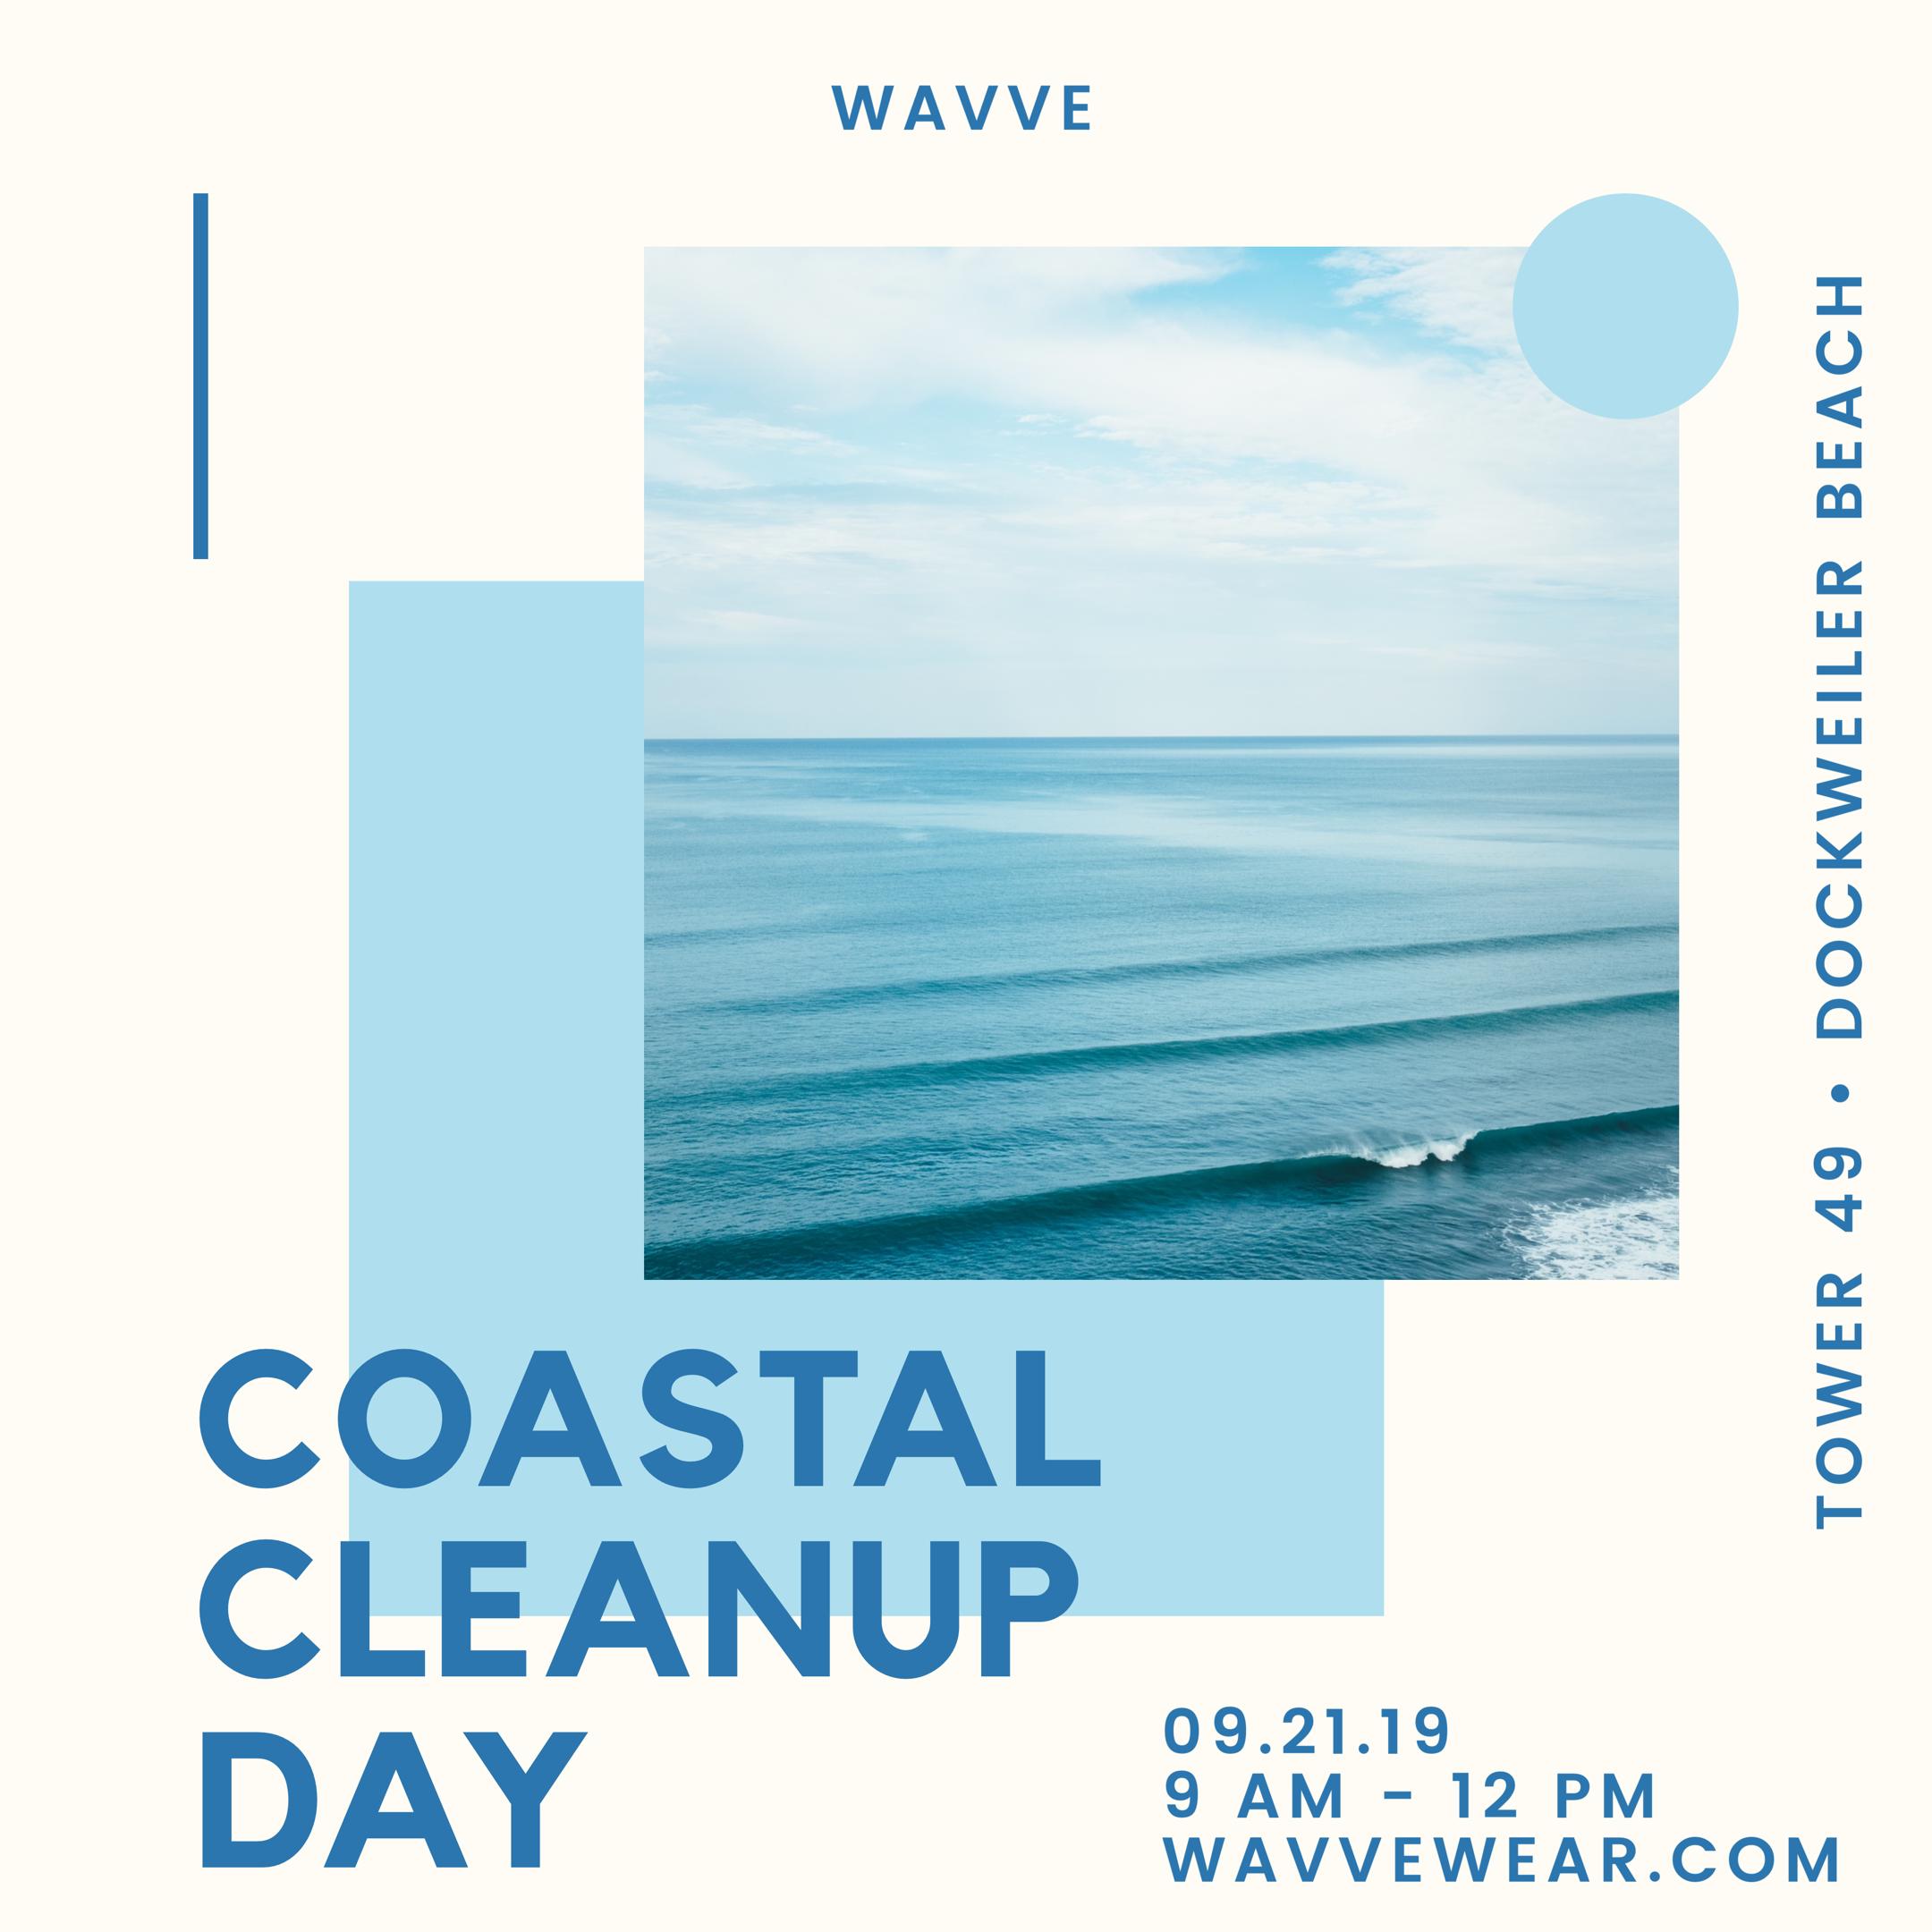 WAVVE Coastal Cleanup